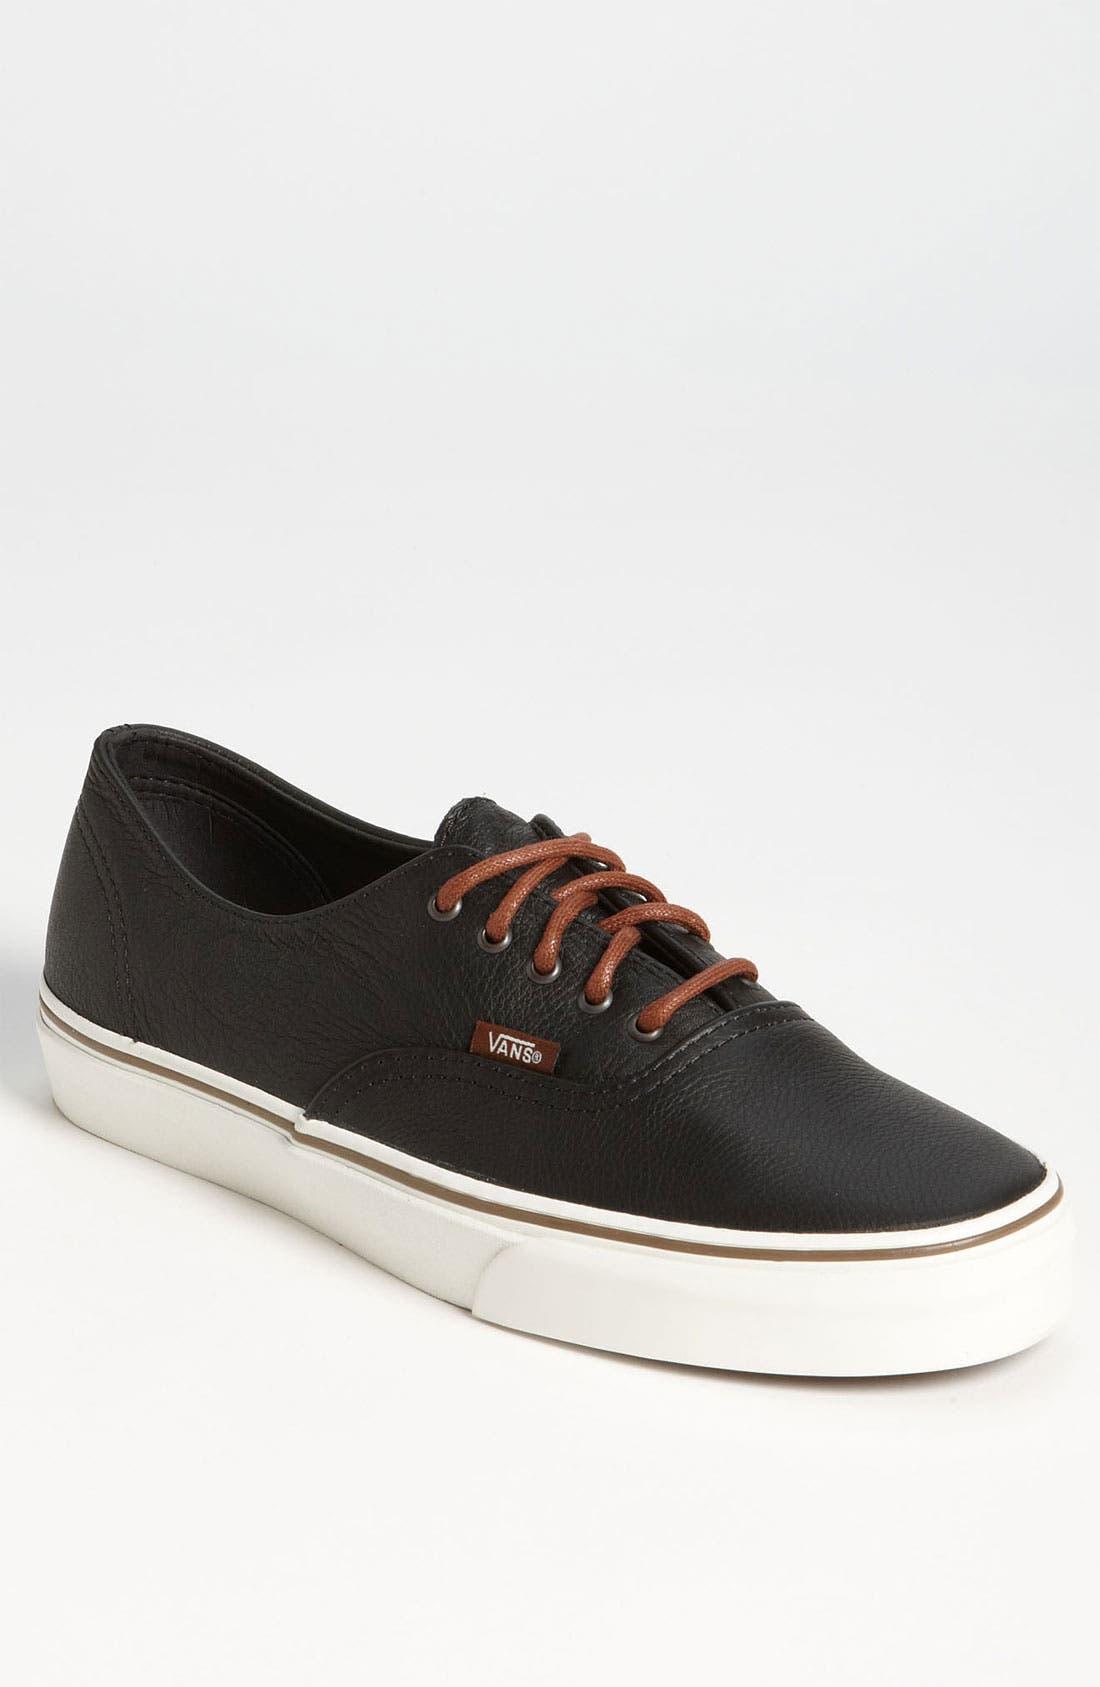 Main Image - Vans 'Cali - Authentic Decon' Leather Sneaker (Men)